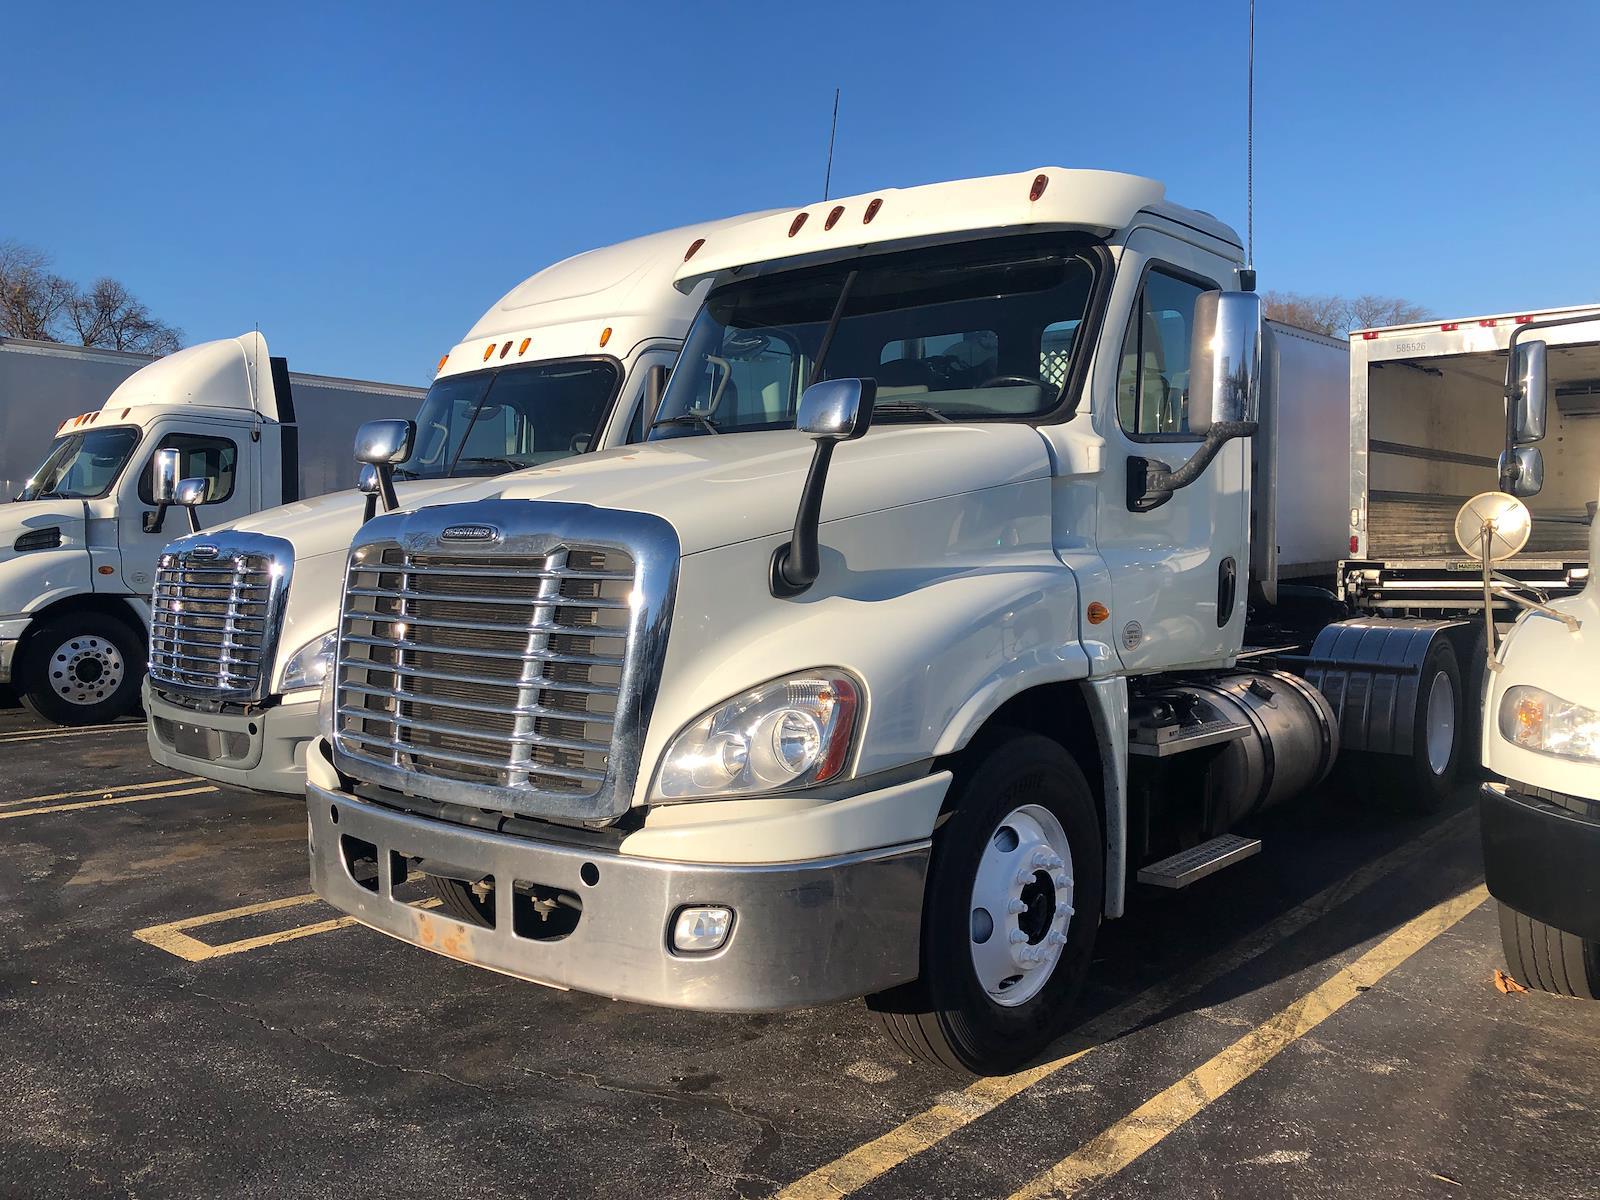 2014 Freightliner Truck 6x4, Tractor #538294 - photo 1